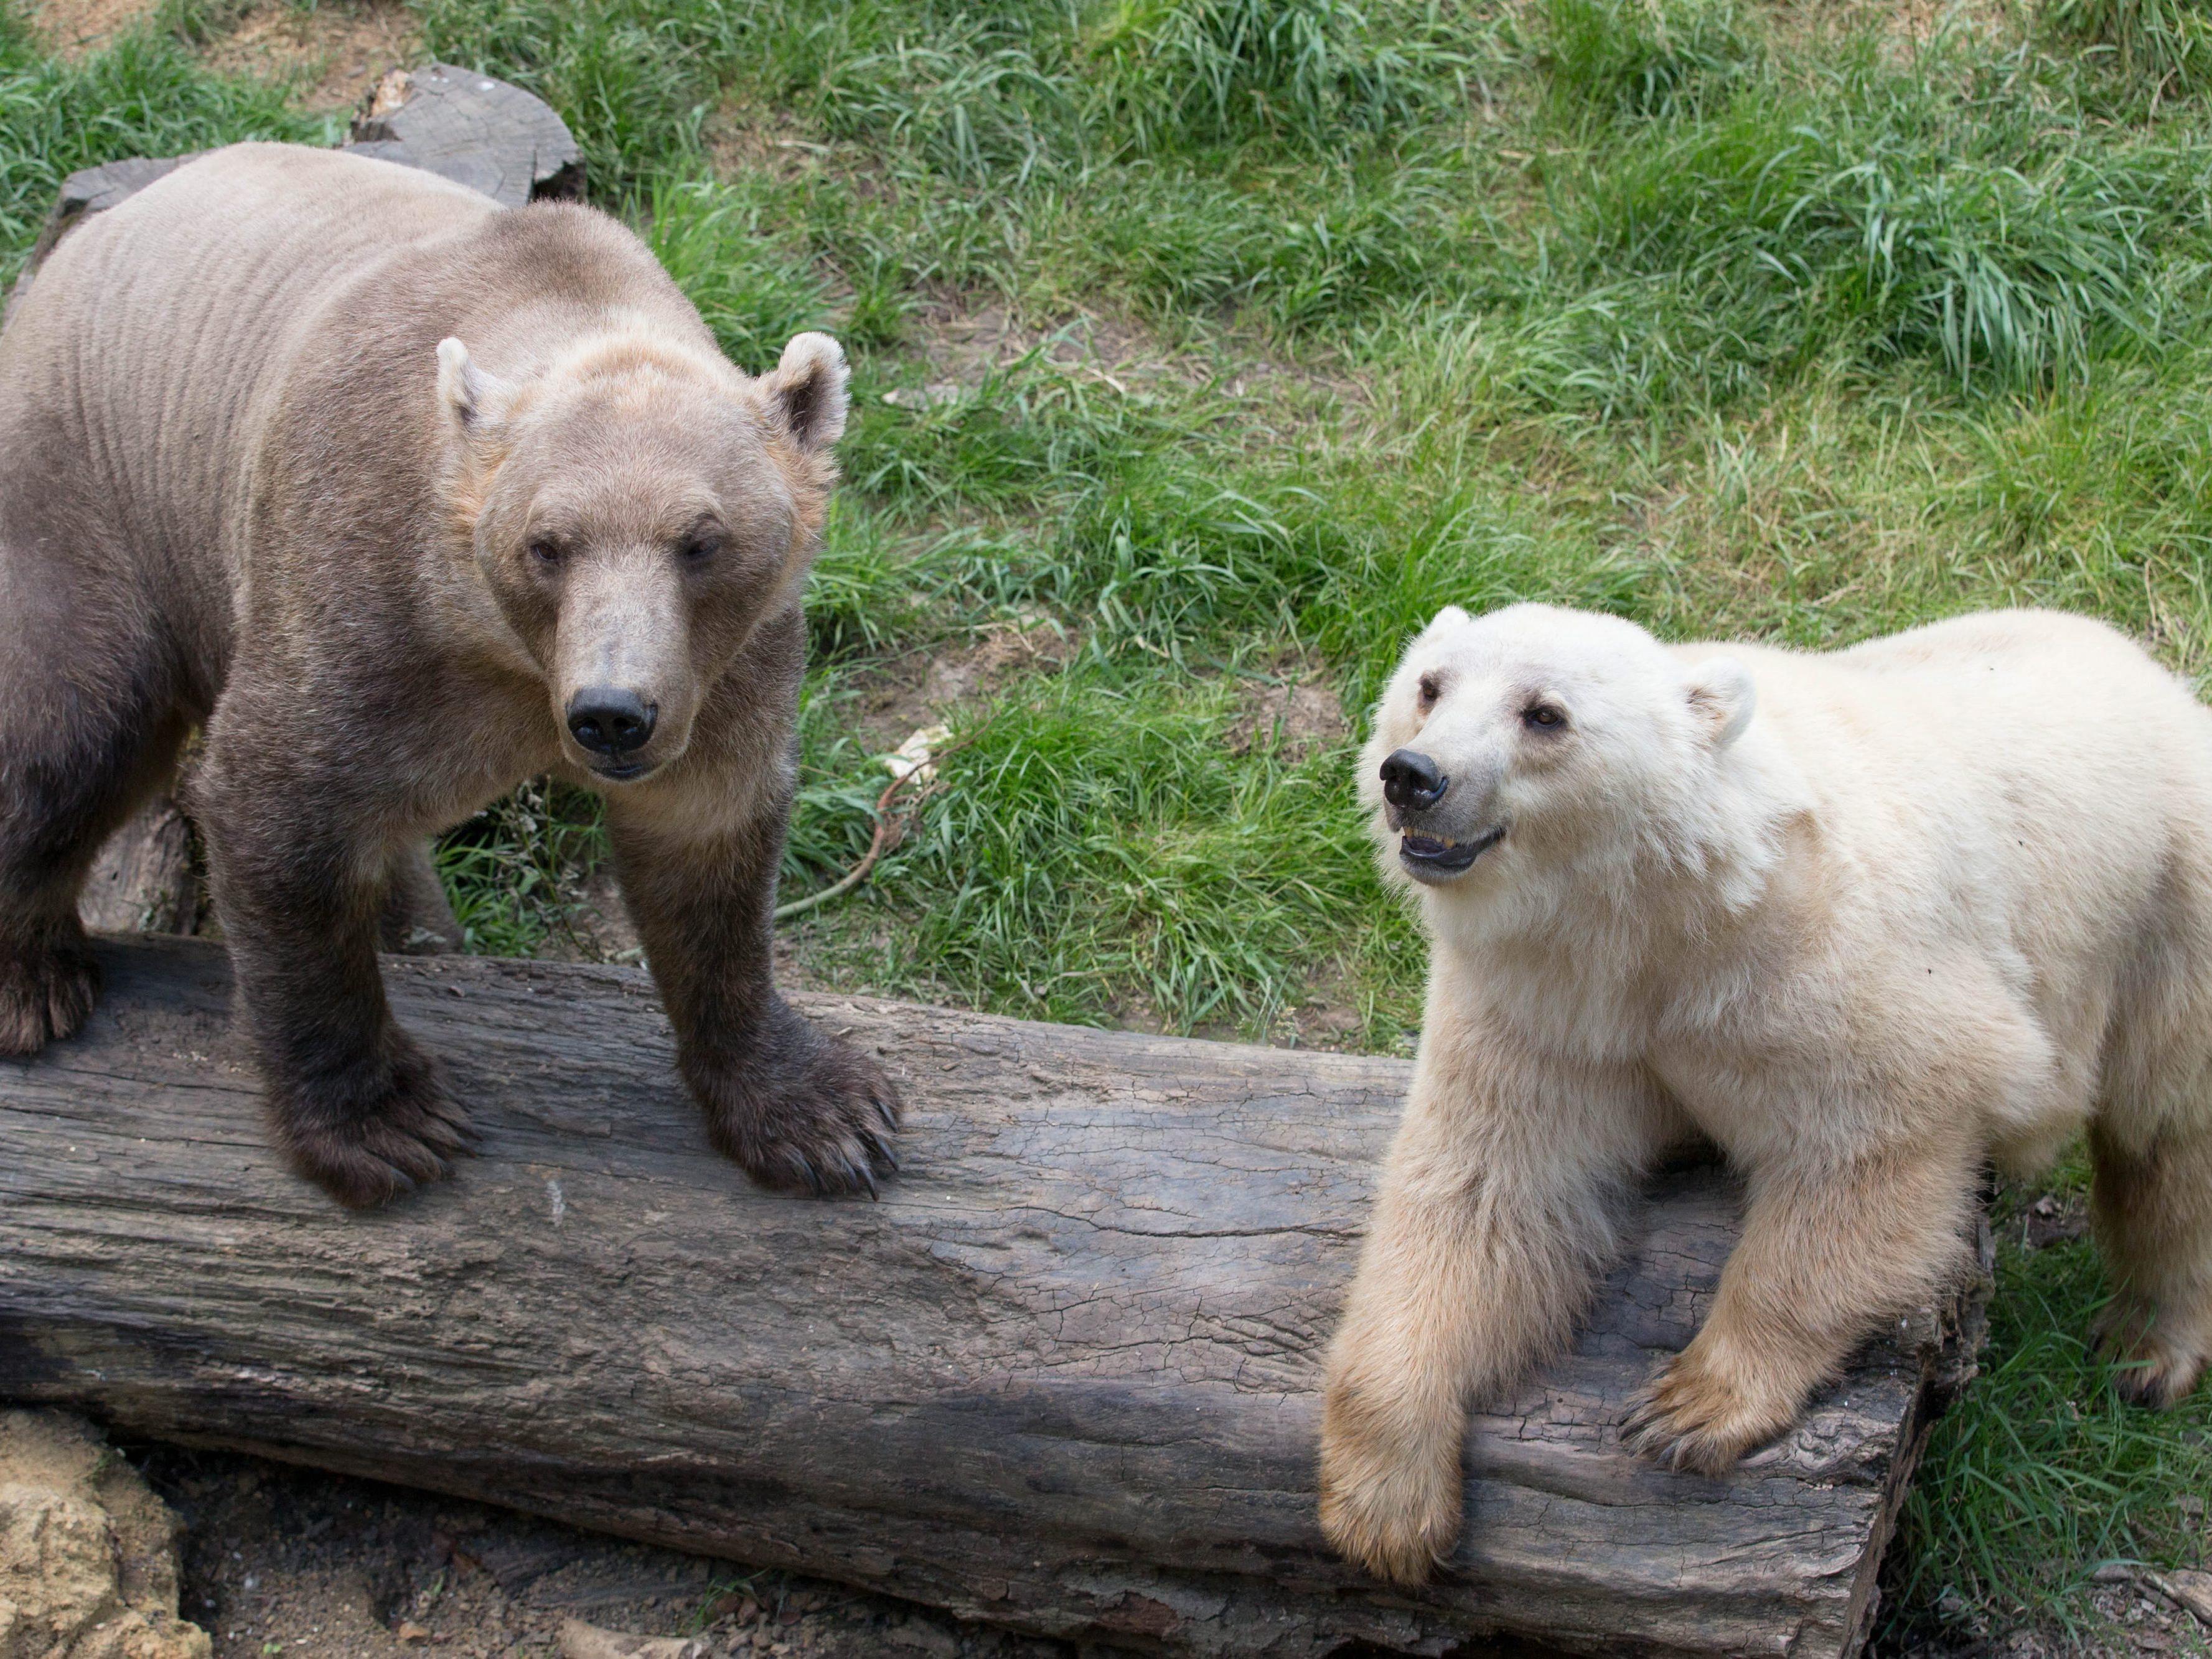 Eisbären und Grizzlys begegnen einander in freier Wildbahn in den Regionen rund um den Nordpol, Nachwuchs inklusive.